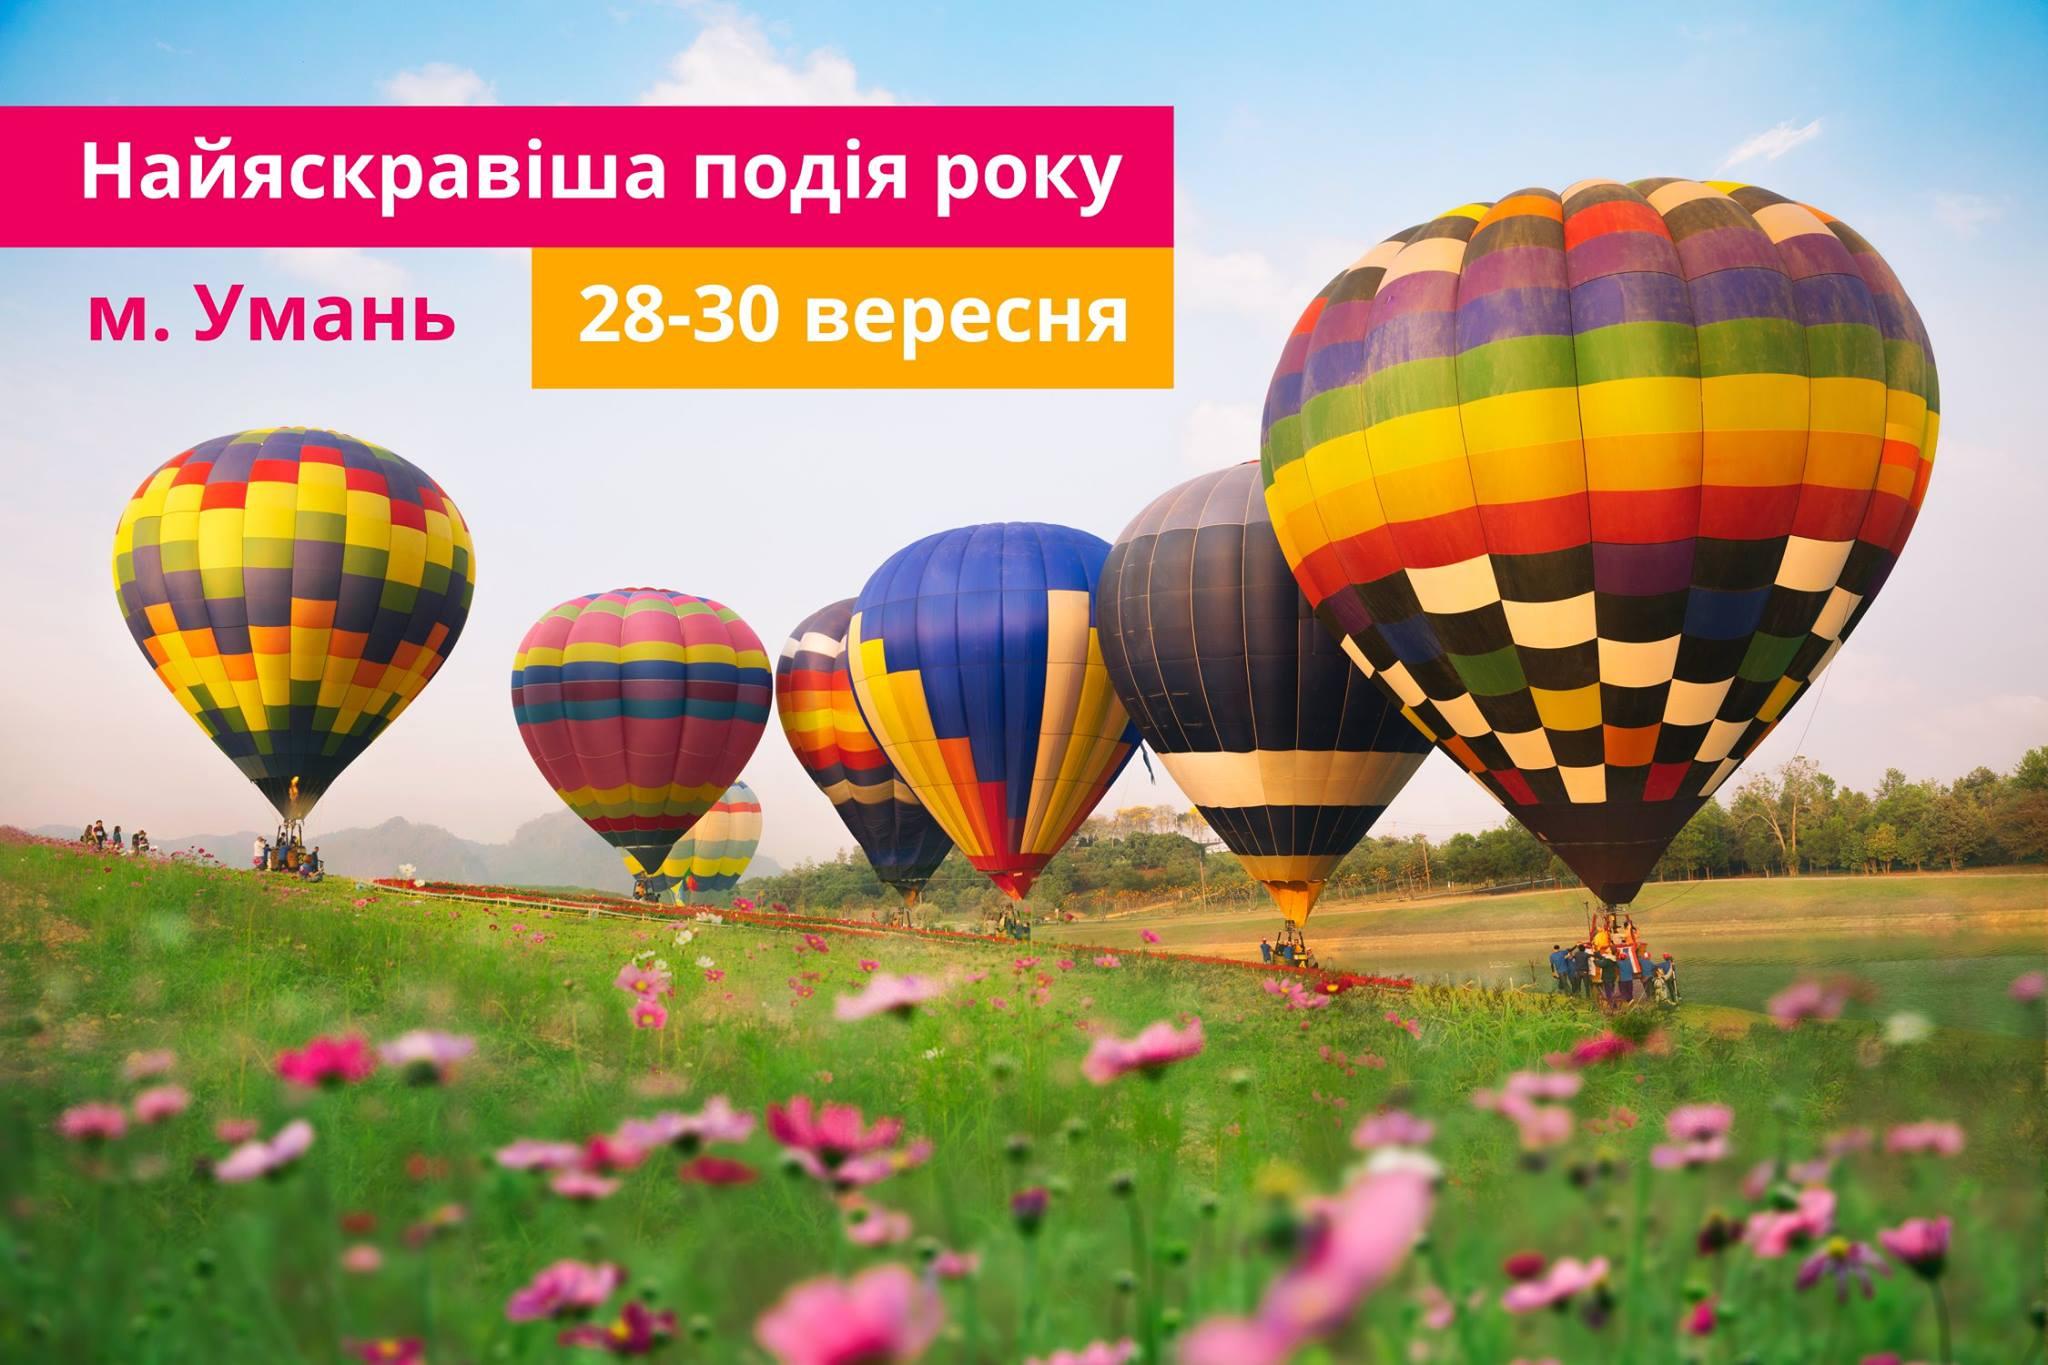 В Умани состоятся чемпионат Украины по воздухоплавательному спорту и международный фестиваль воздушных шаров